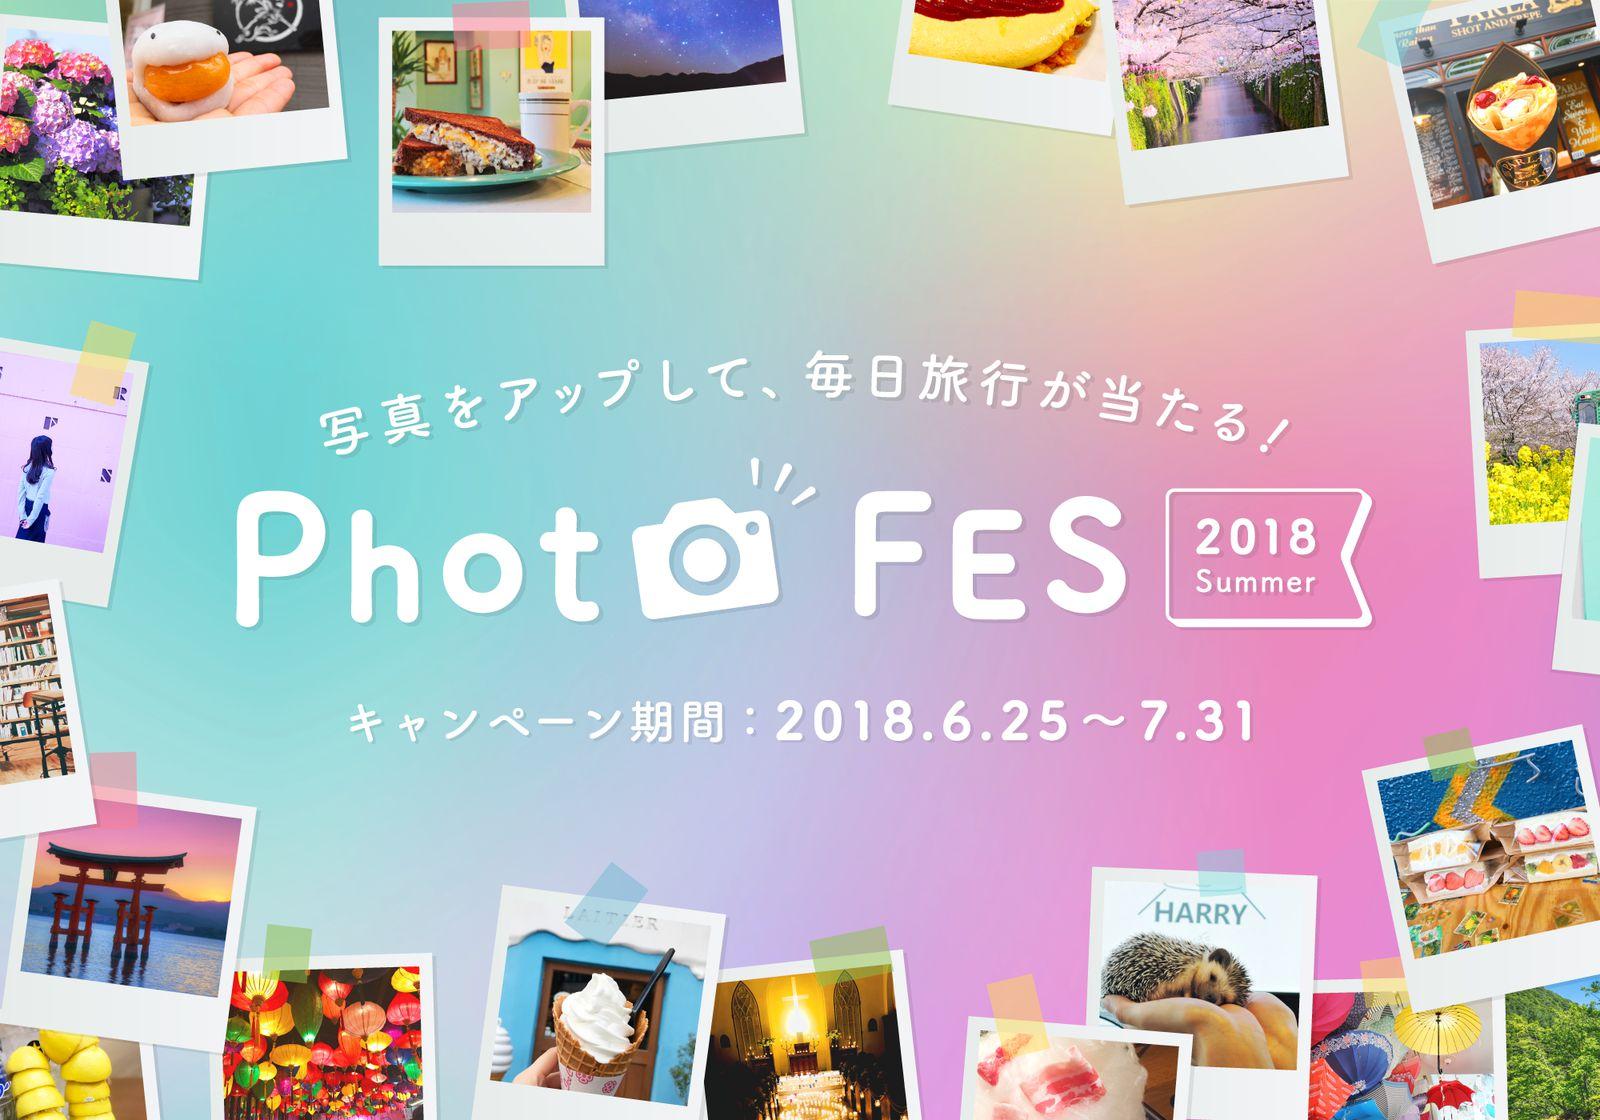 RETRIP Photo FES 2018